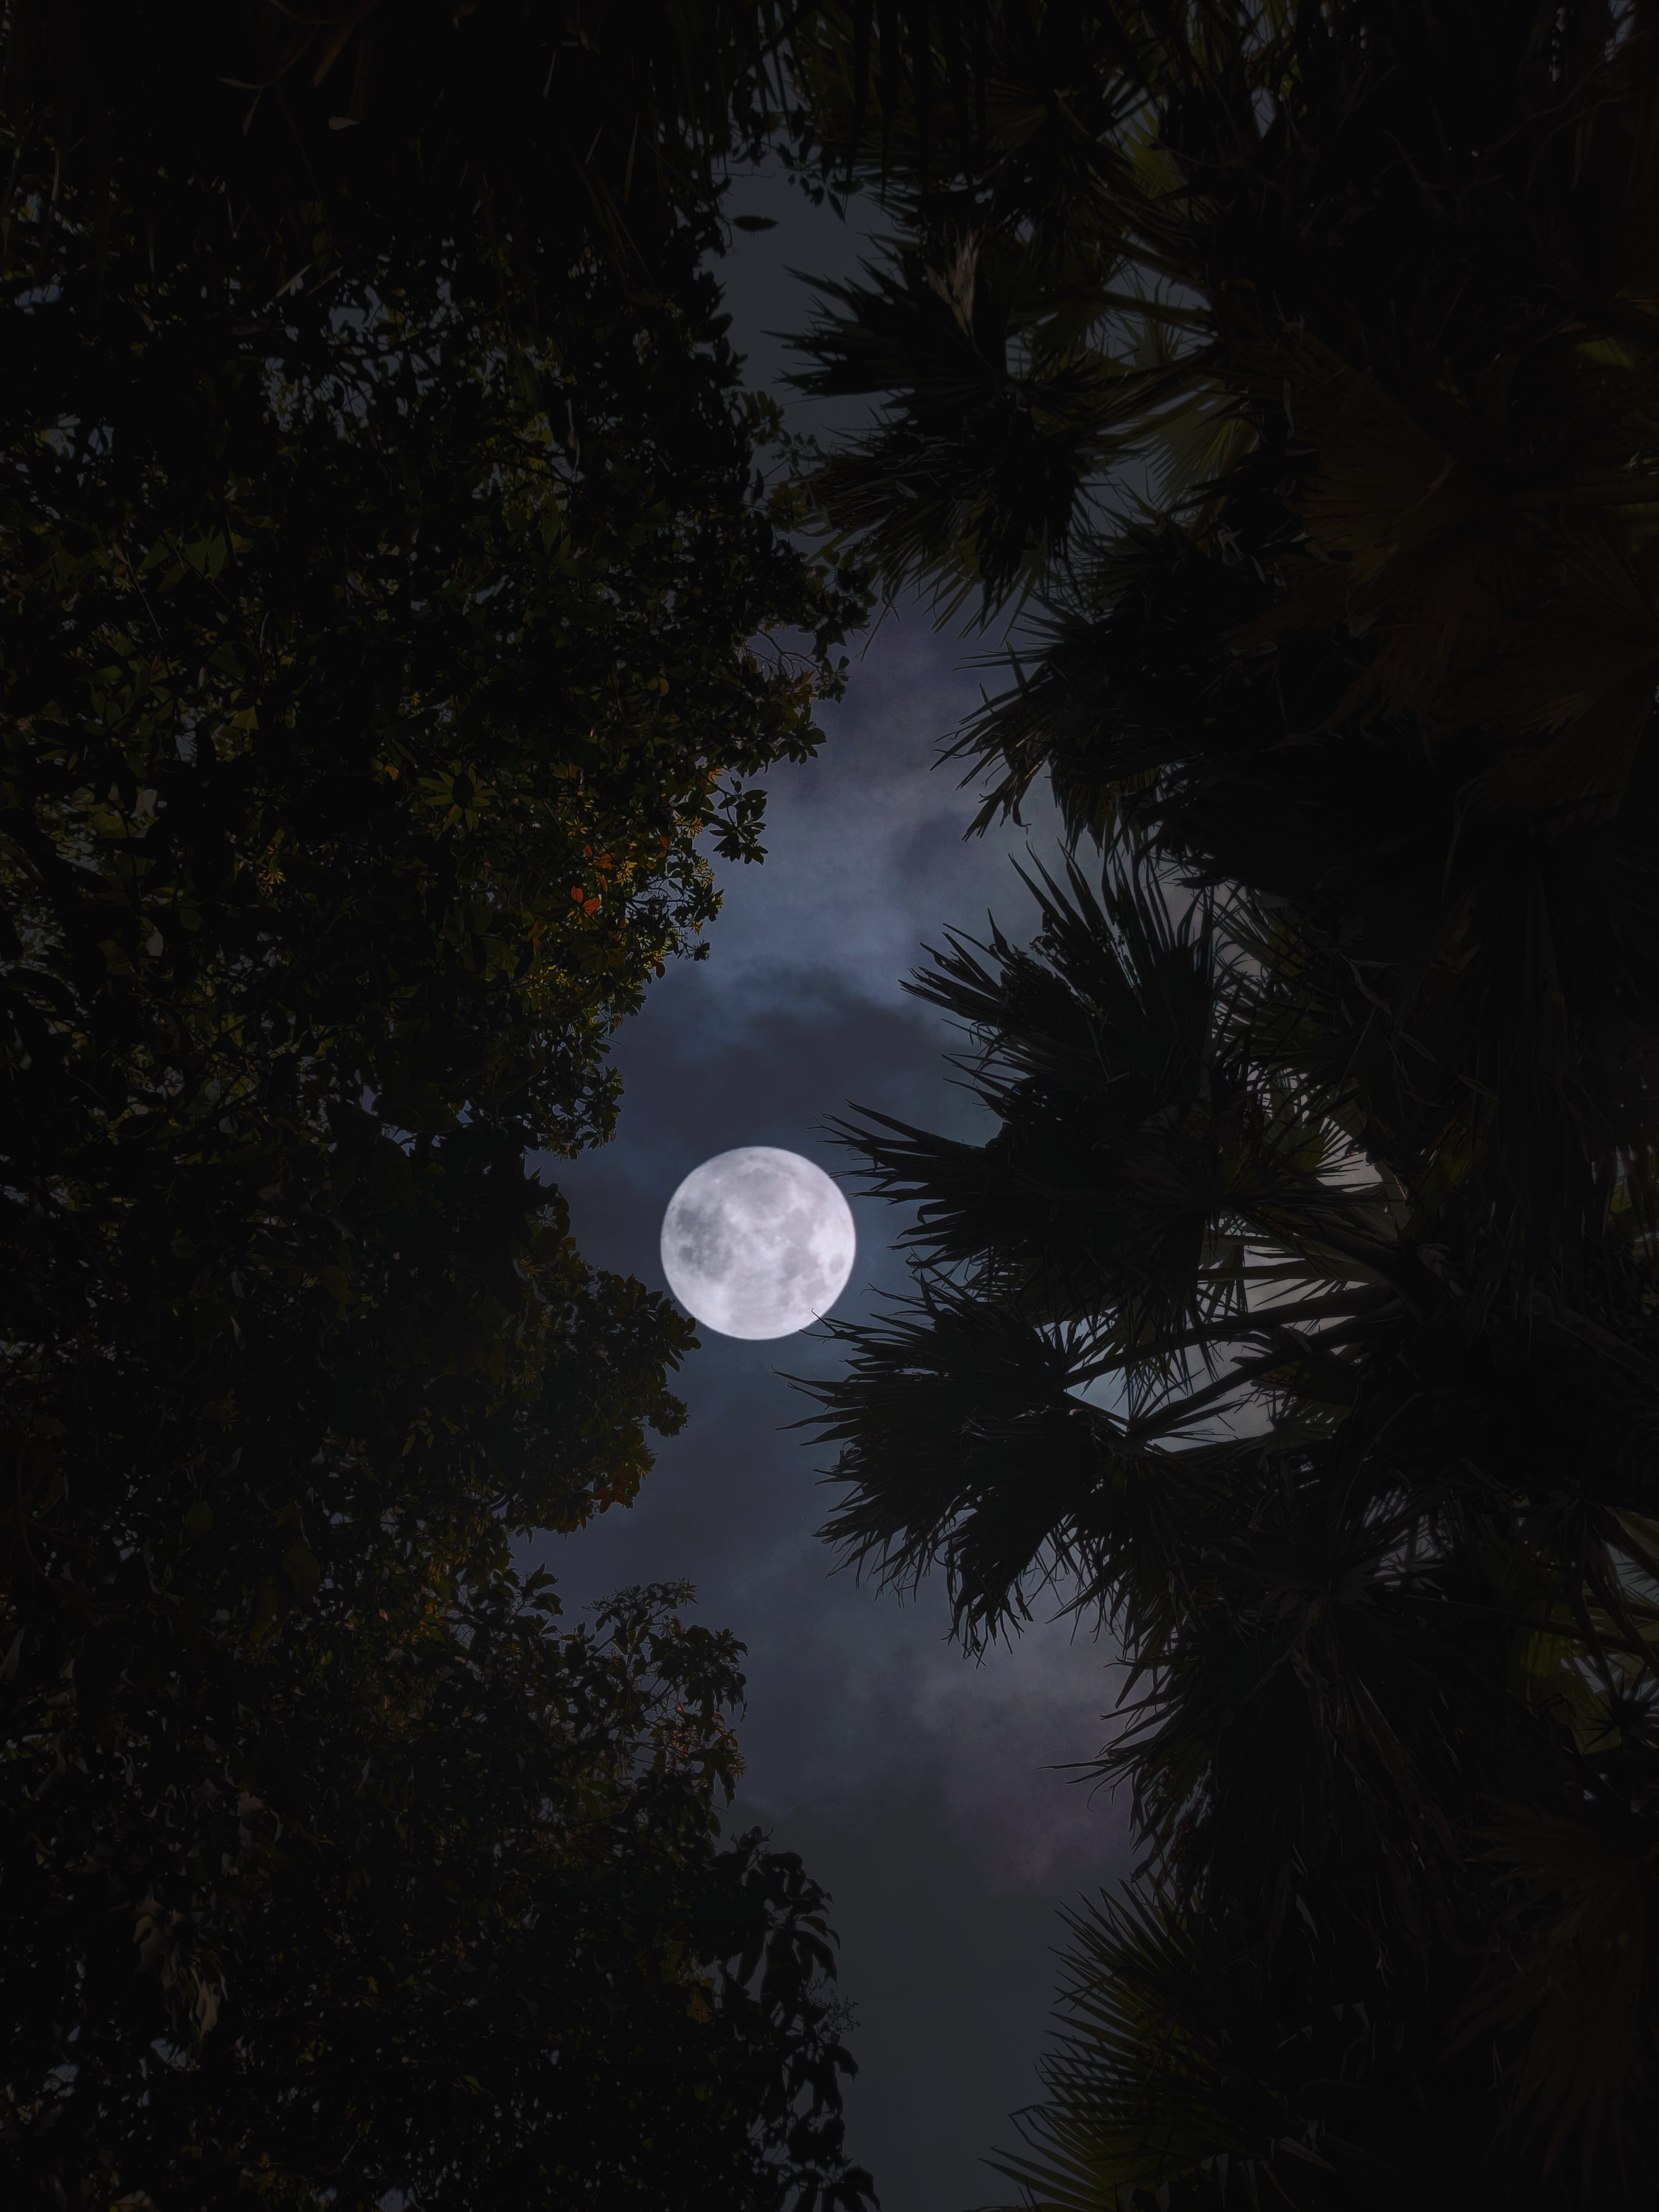 77455 скачать обои Темные, Луна, Деревья, Листья, Ветки, Ночь, Темный - заставки и картинки бесплатно